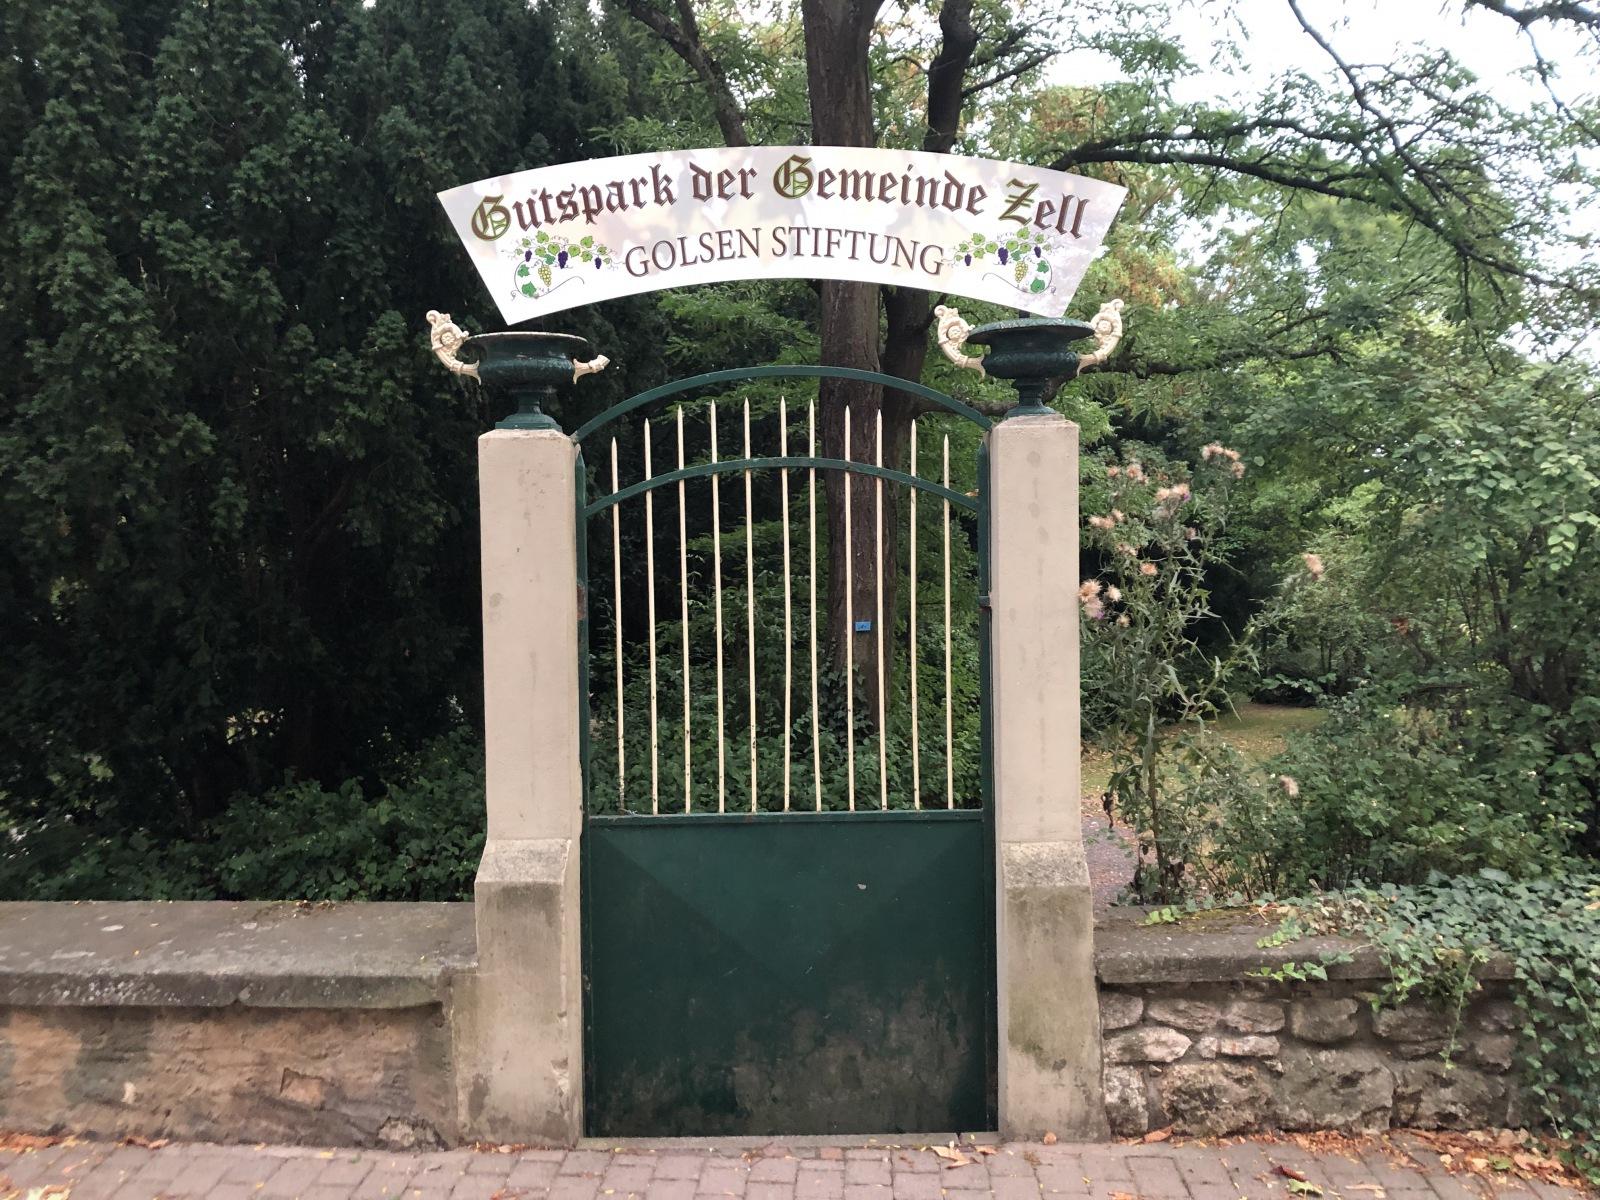 Zeller Golsenpark - Eingangstor